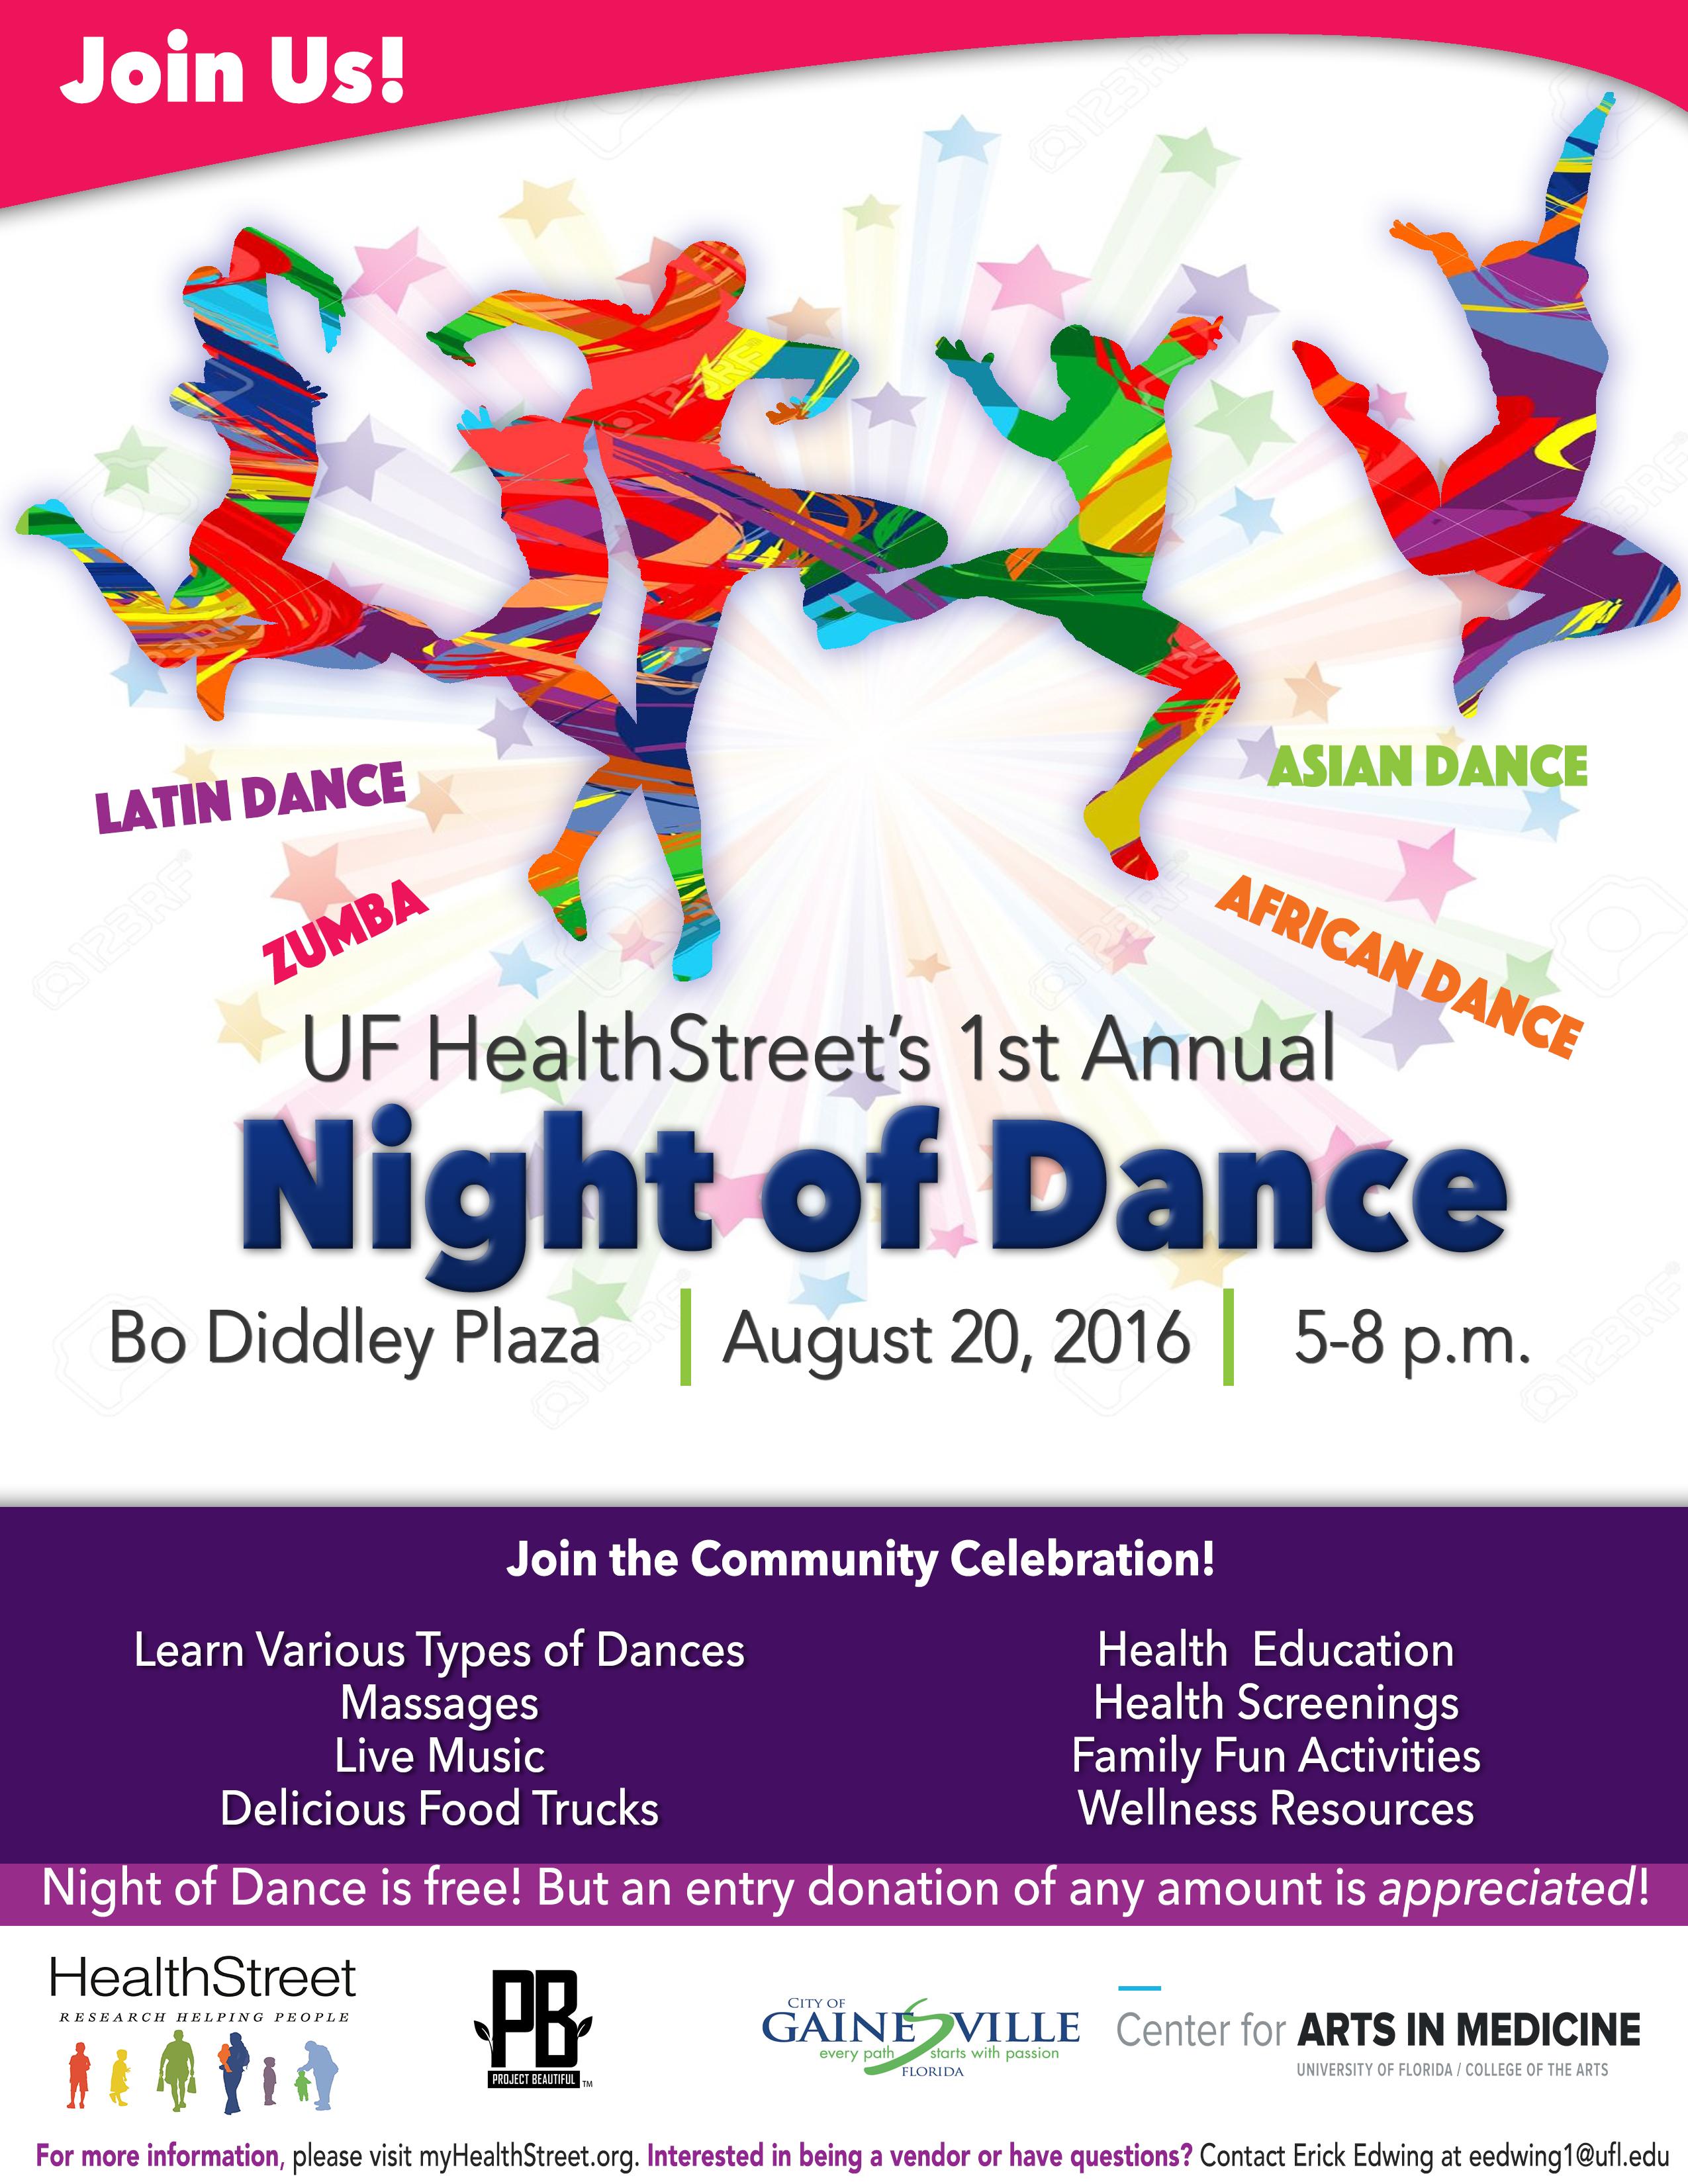 Night of Dance Flier